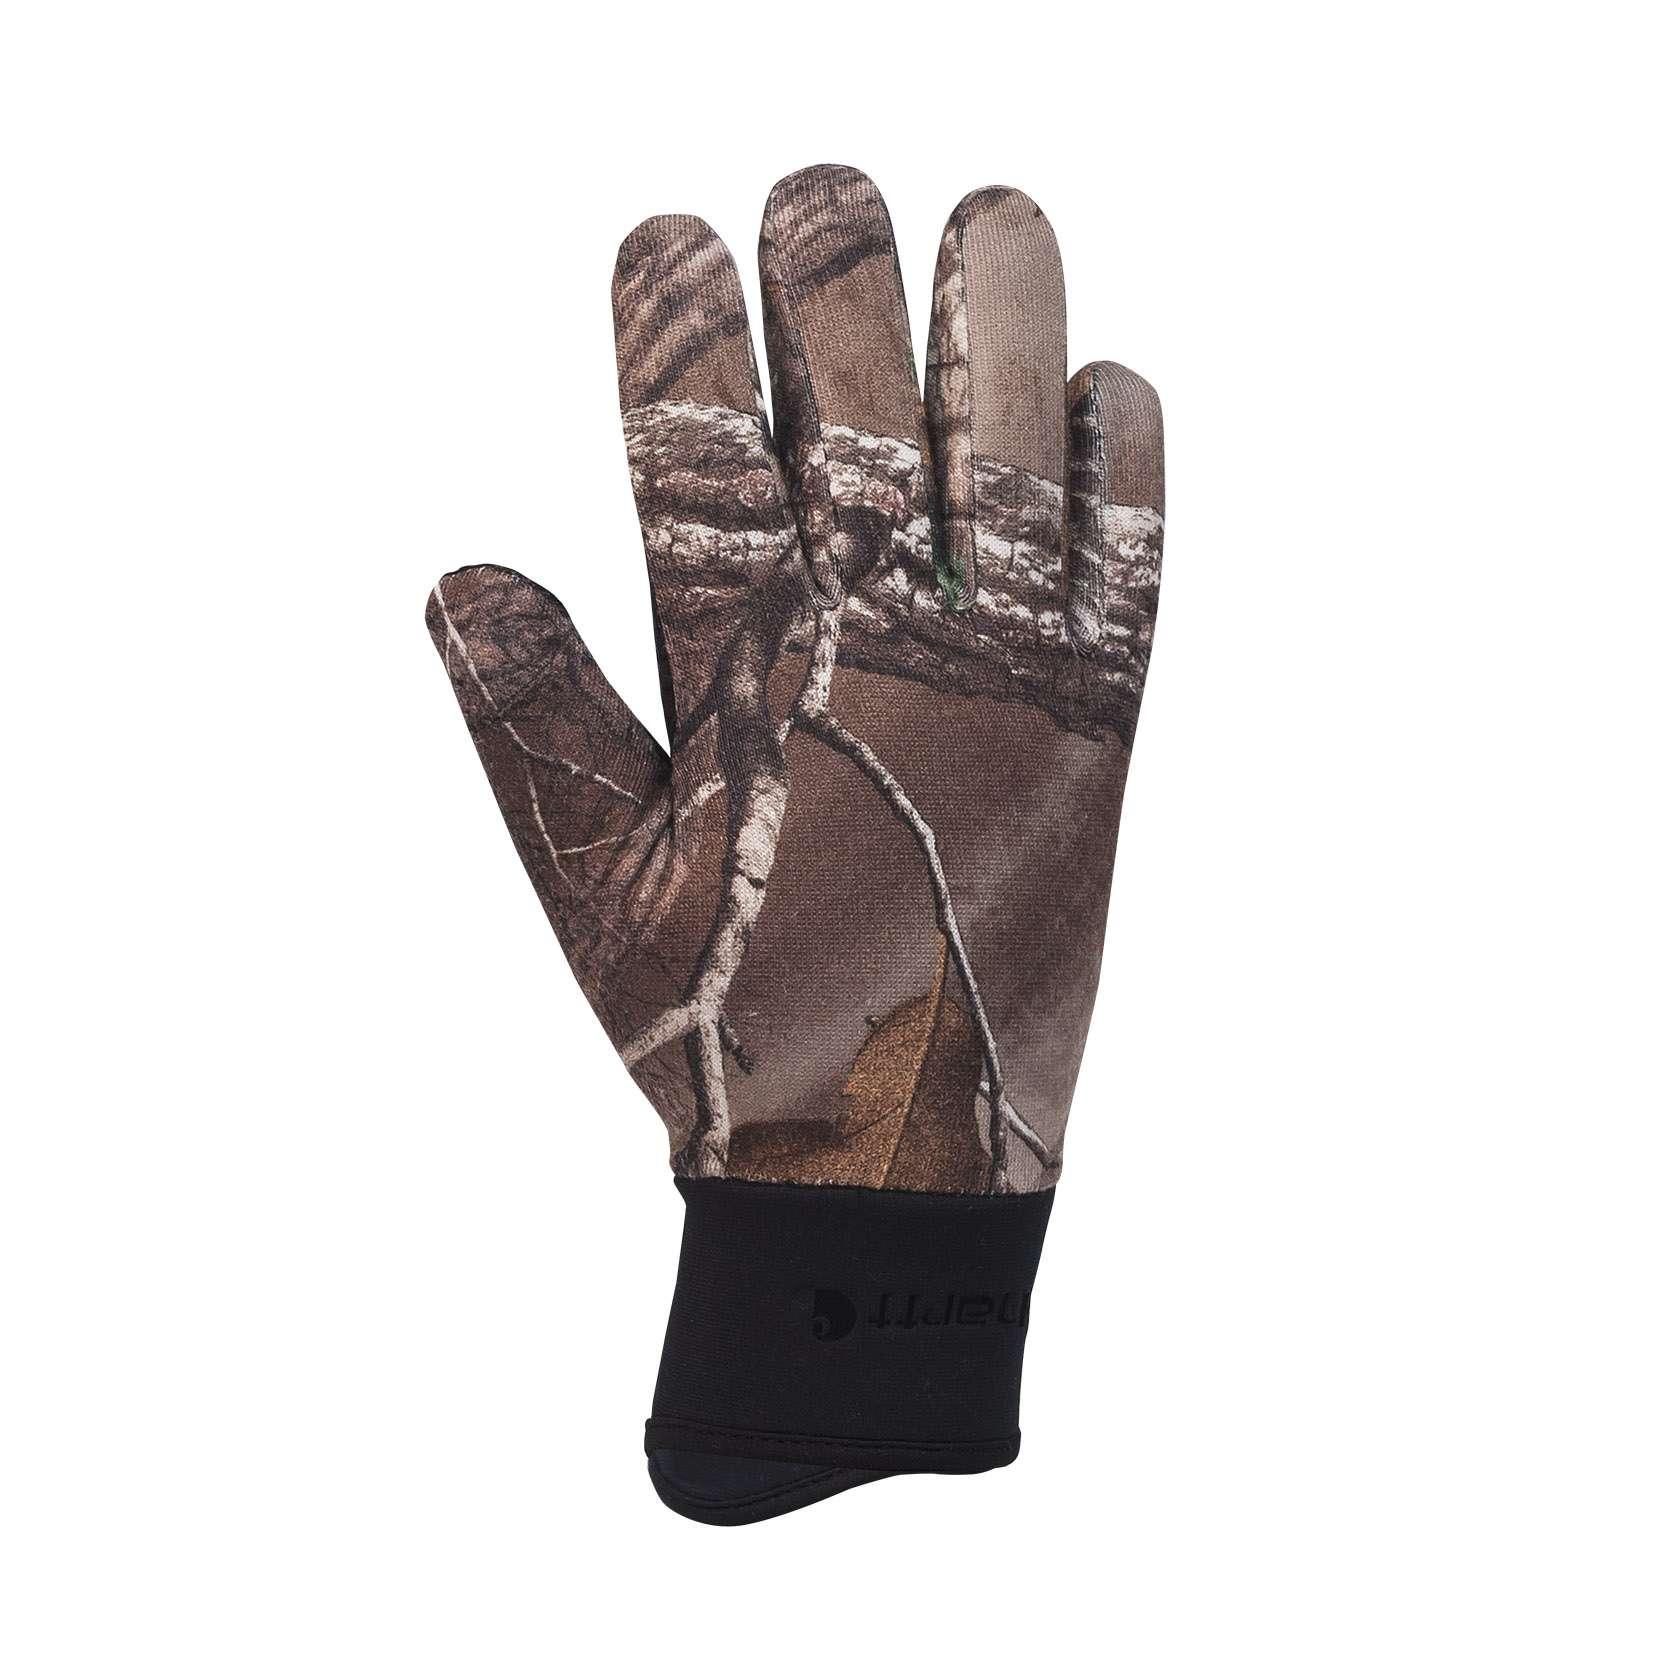 Carhartt Lightweight Hex Camo Glove